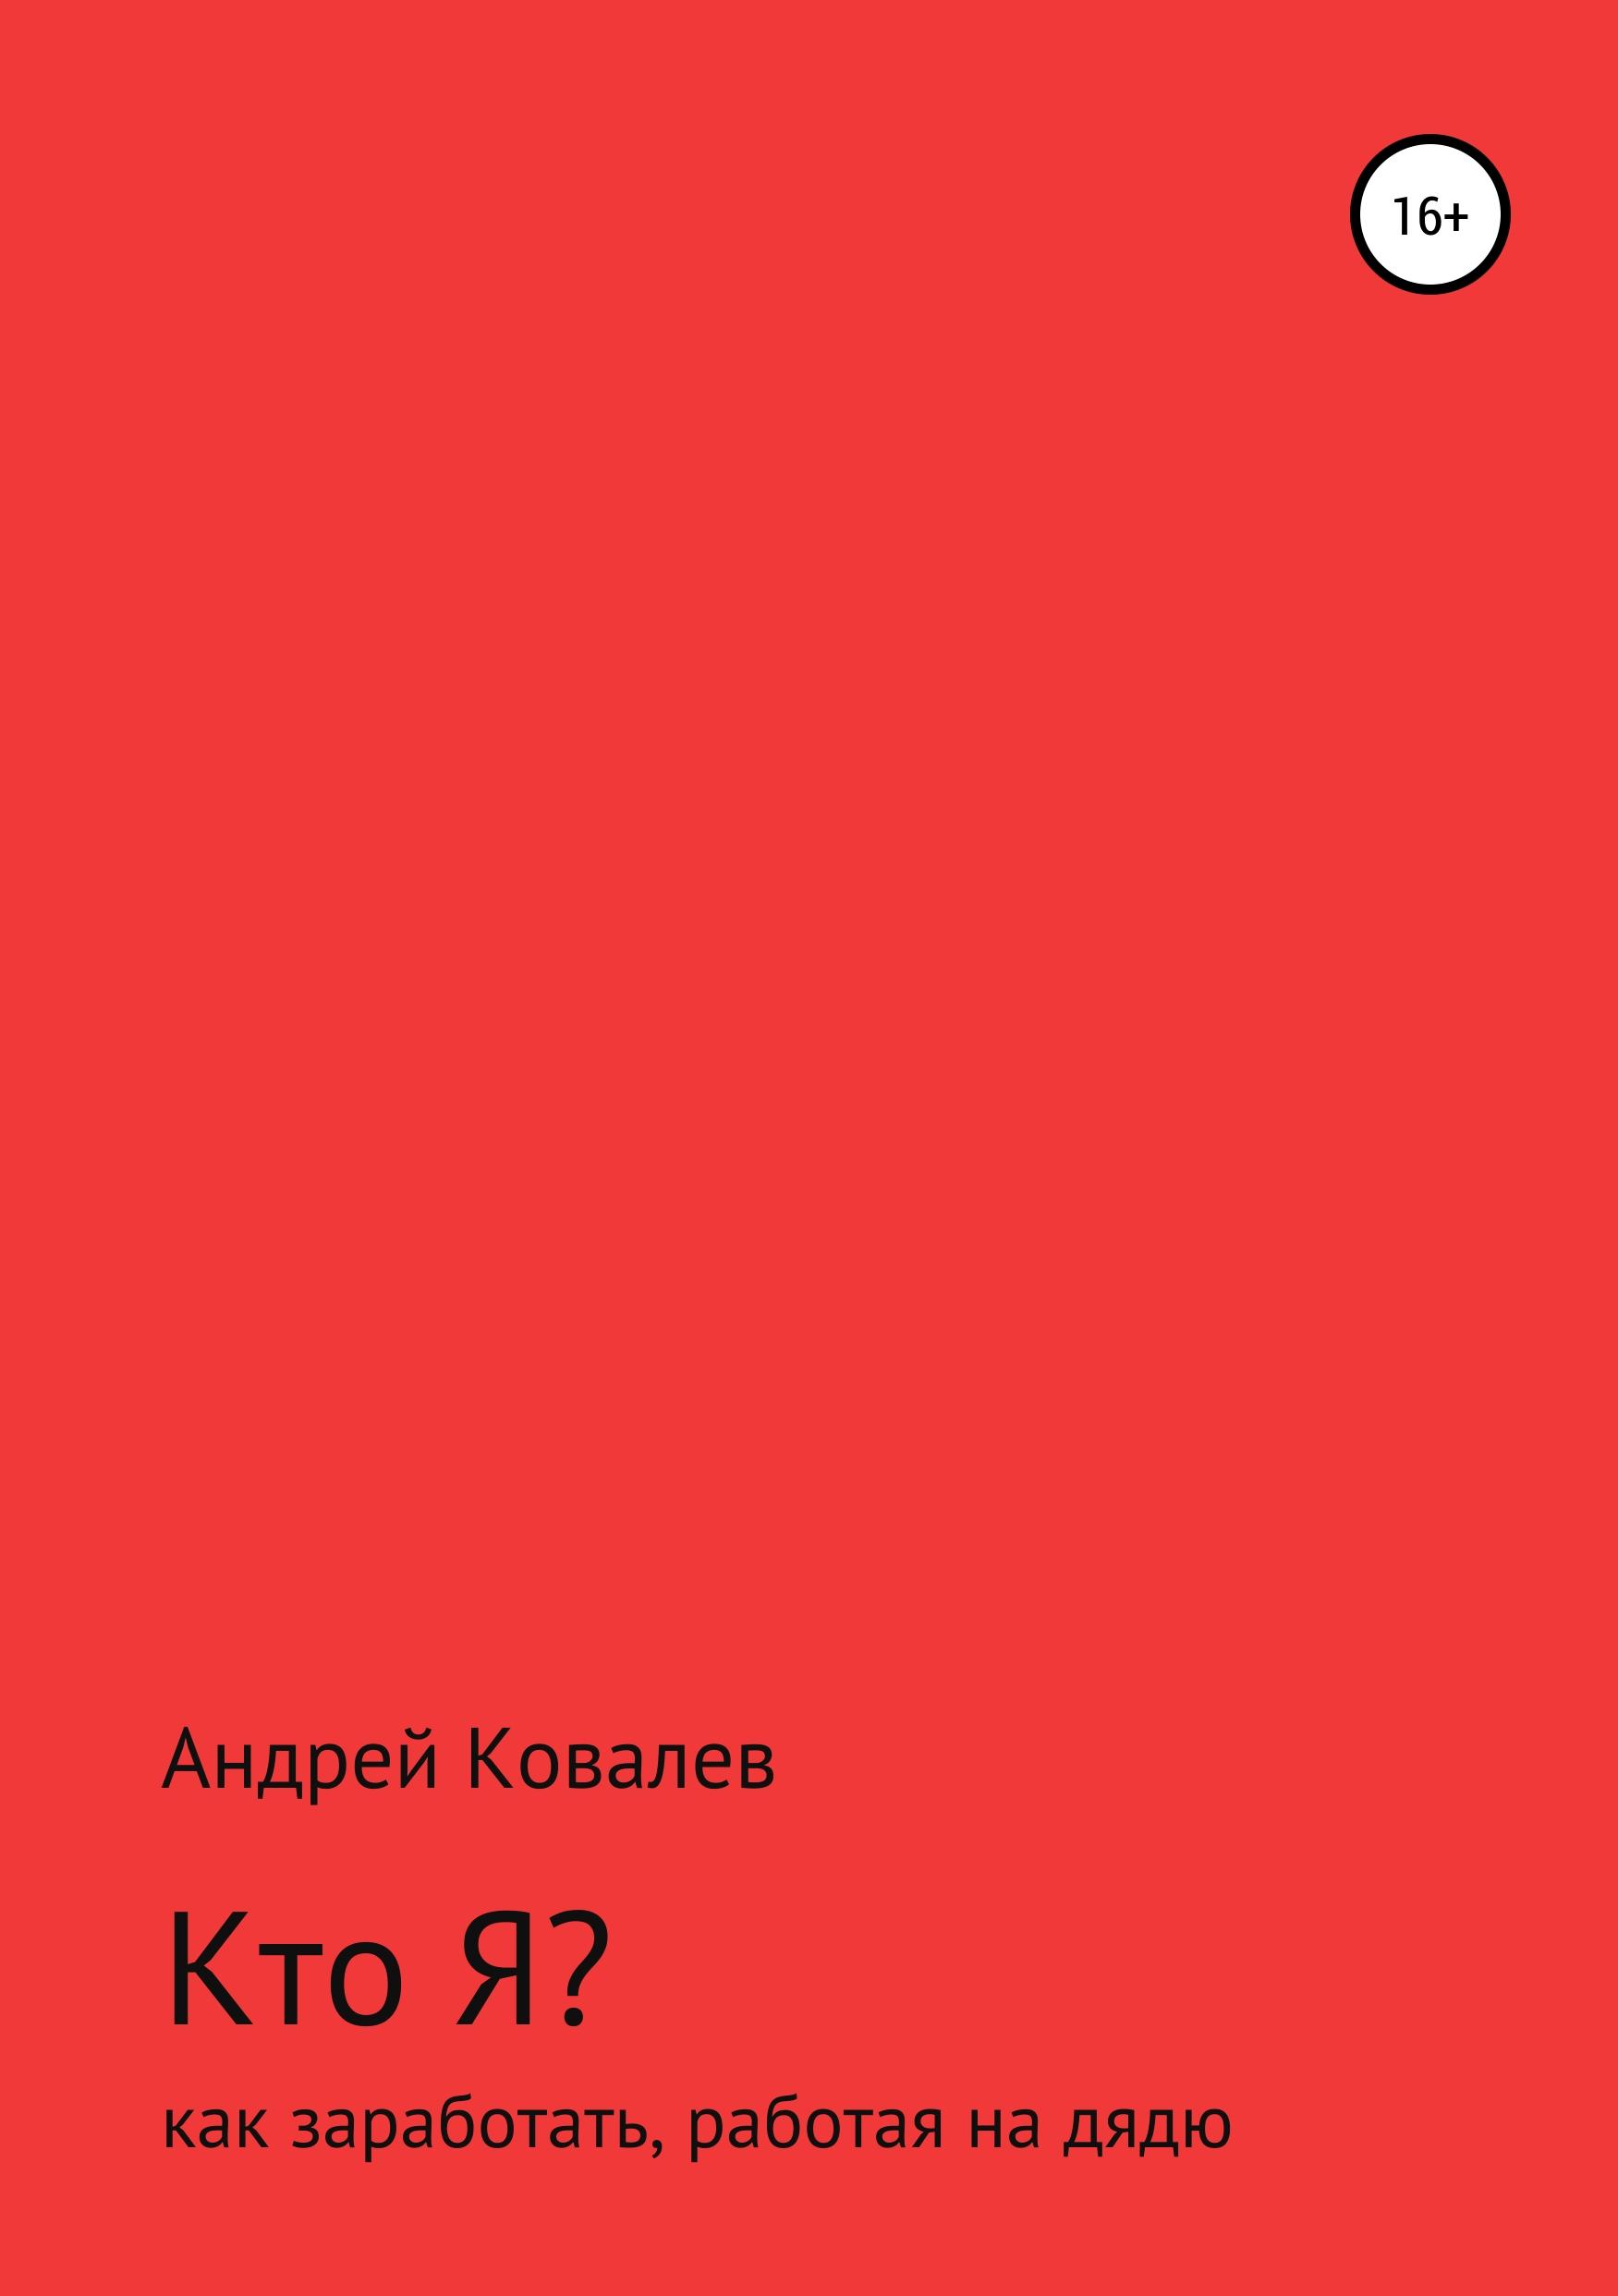 Обложка книги. Автор - Андрей Ковалев